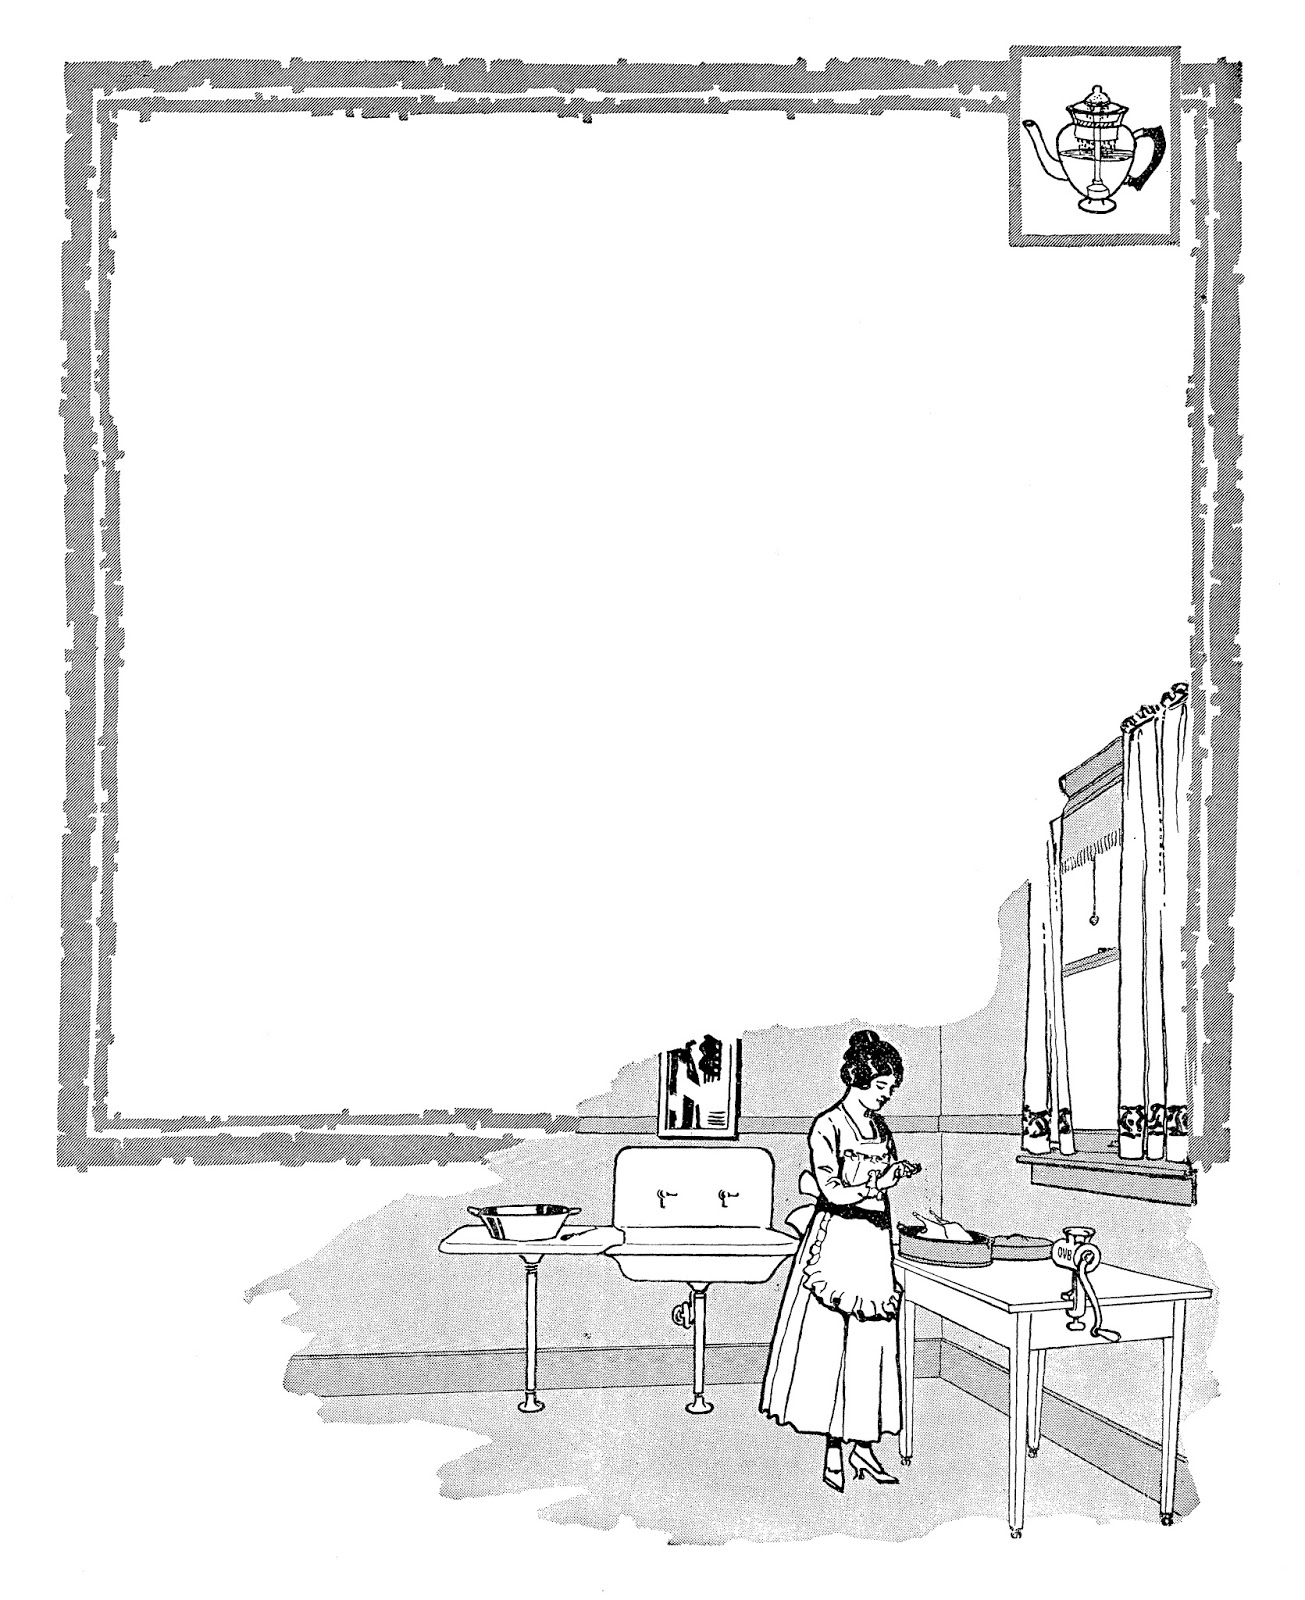 Antique Images: Digital Scrapbooking Vintage Kitchen Frame